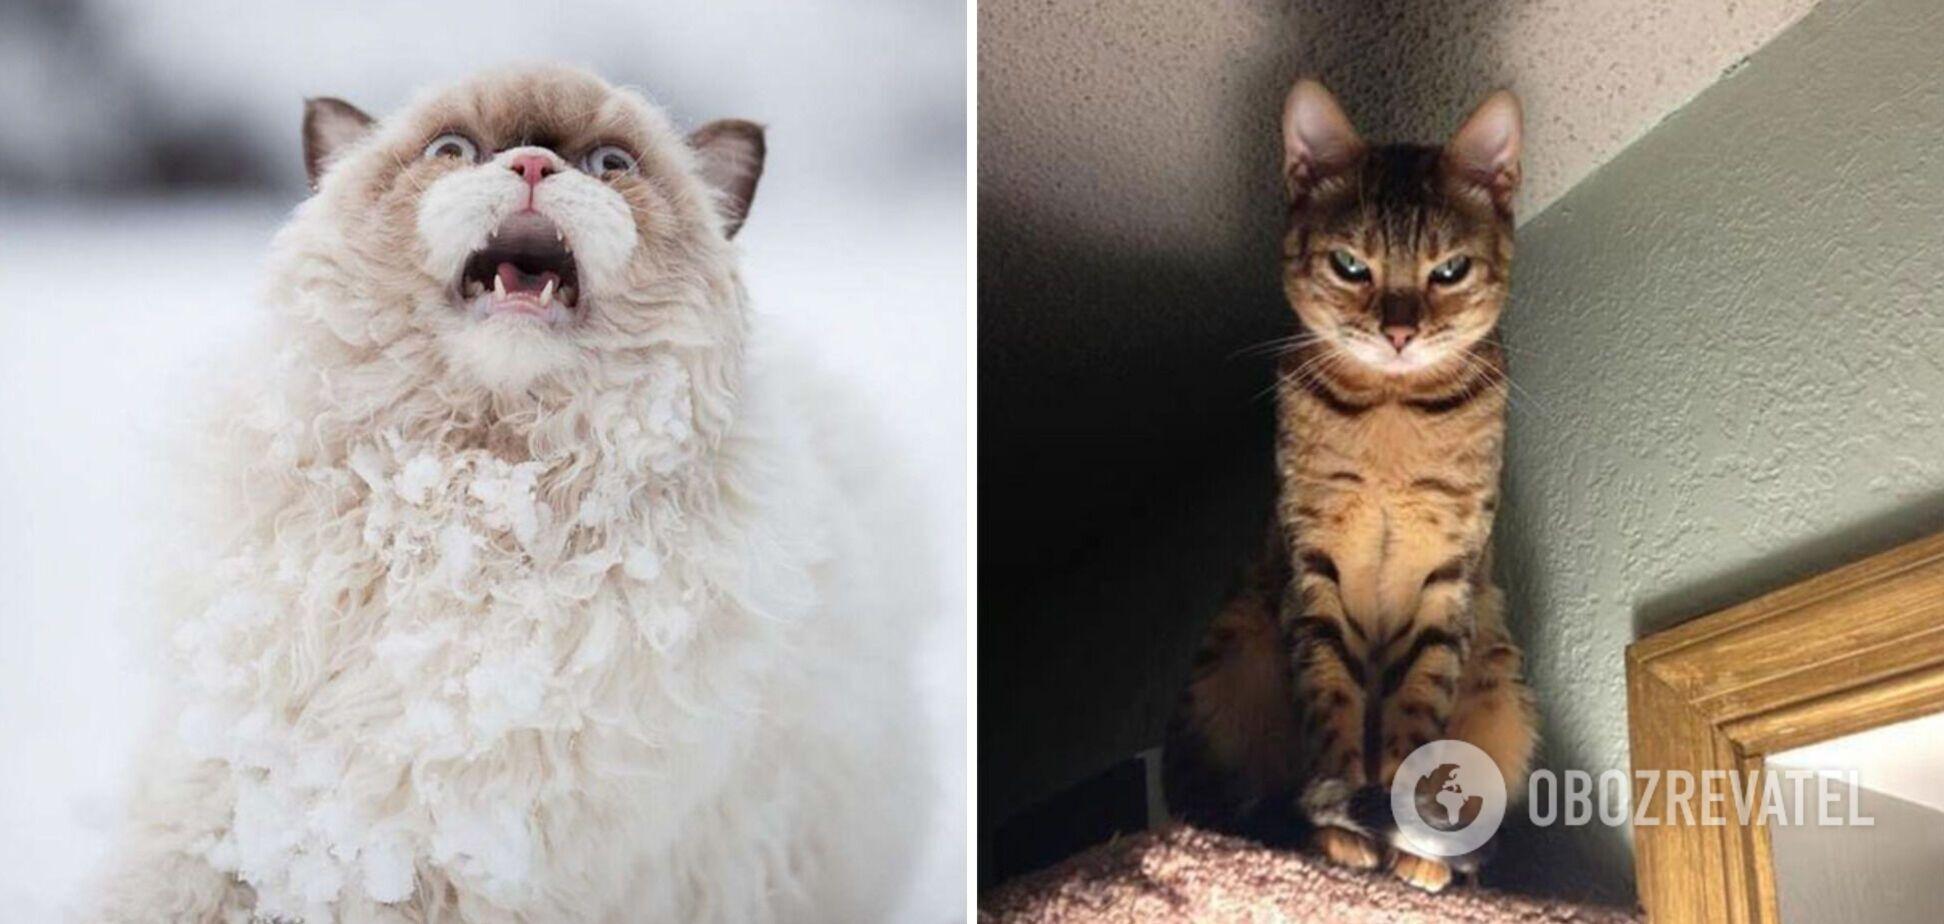 Коты демонстрируют искренние эмоции